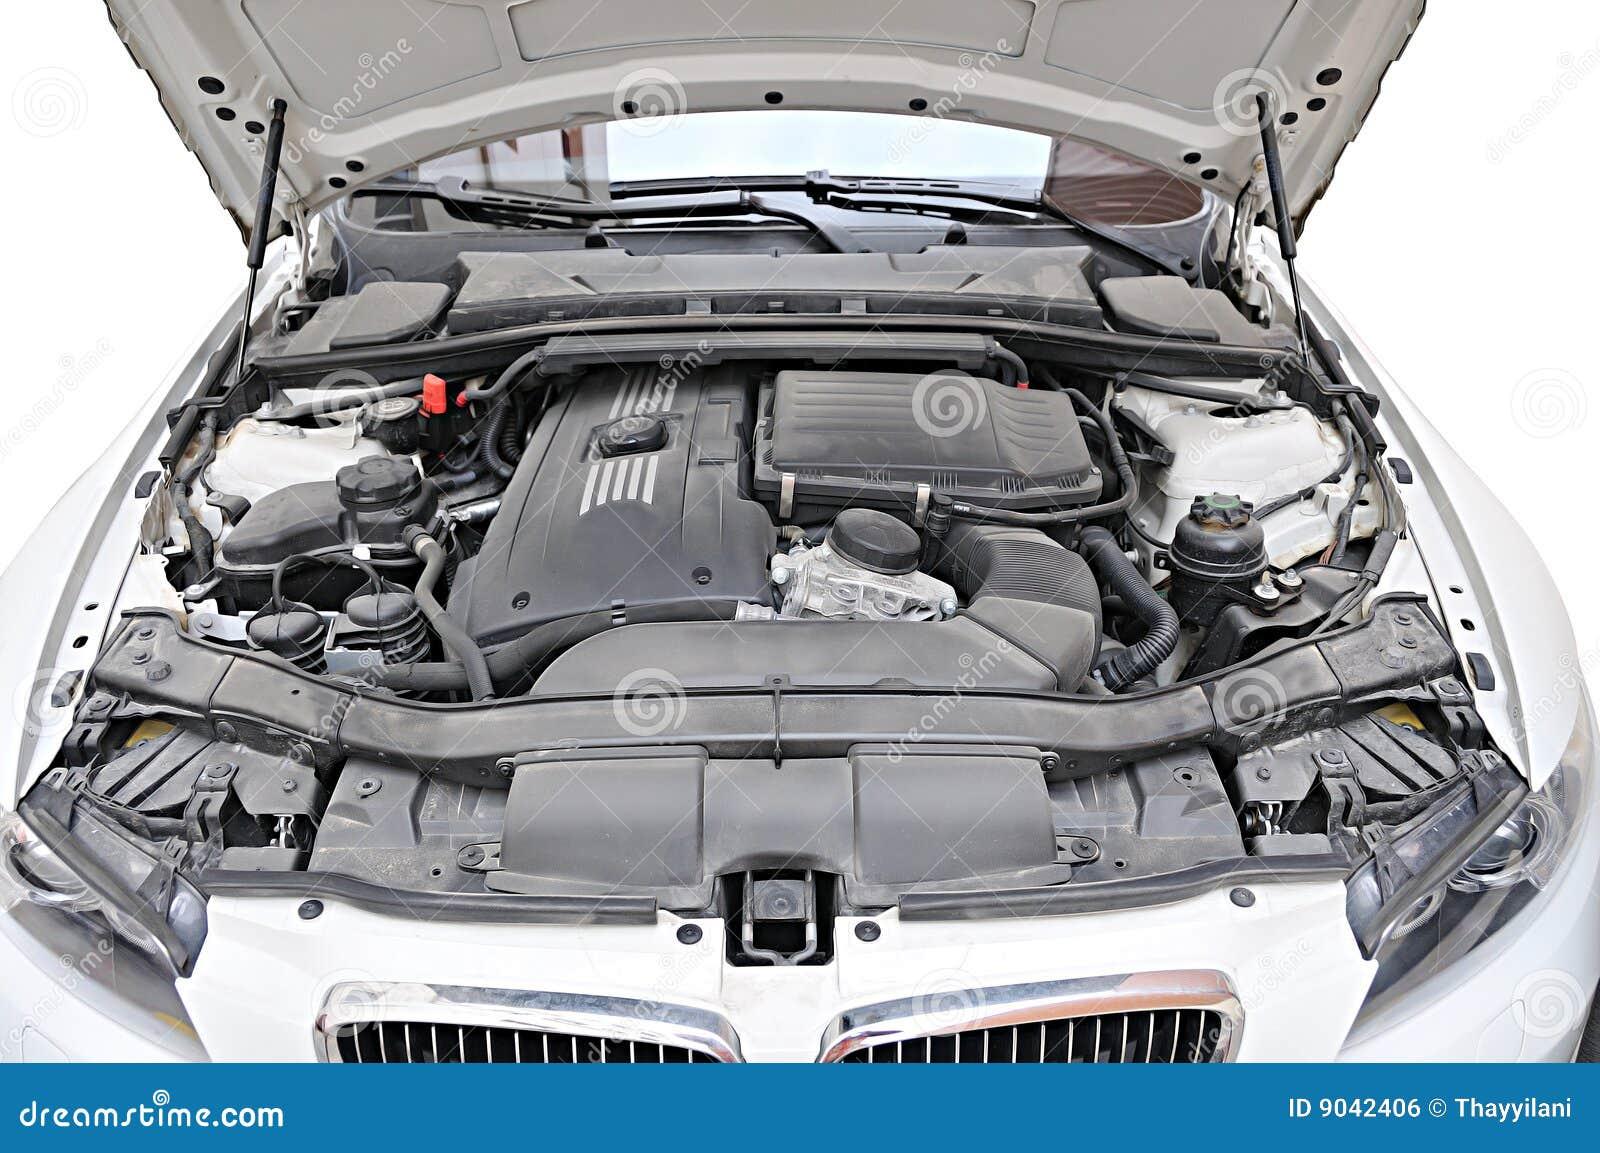 Motor van de auto van BMW 335i - bonnet open positie